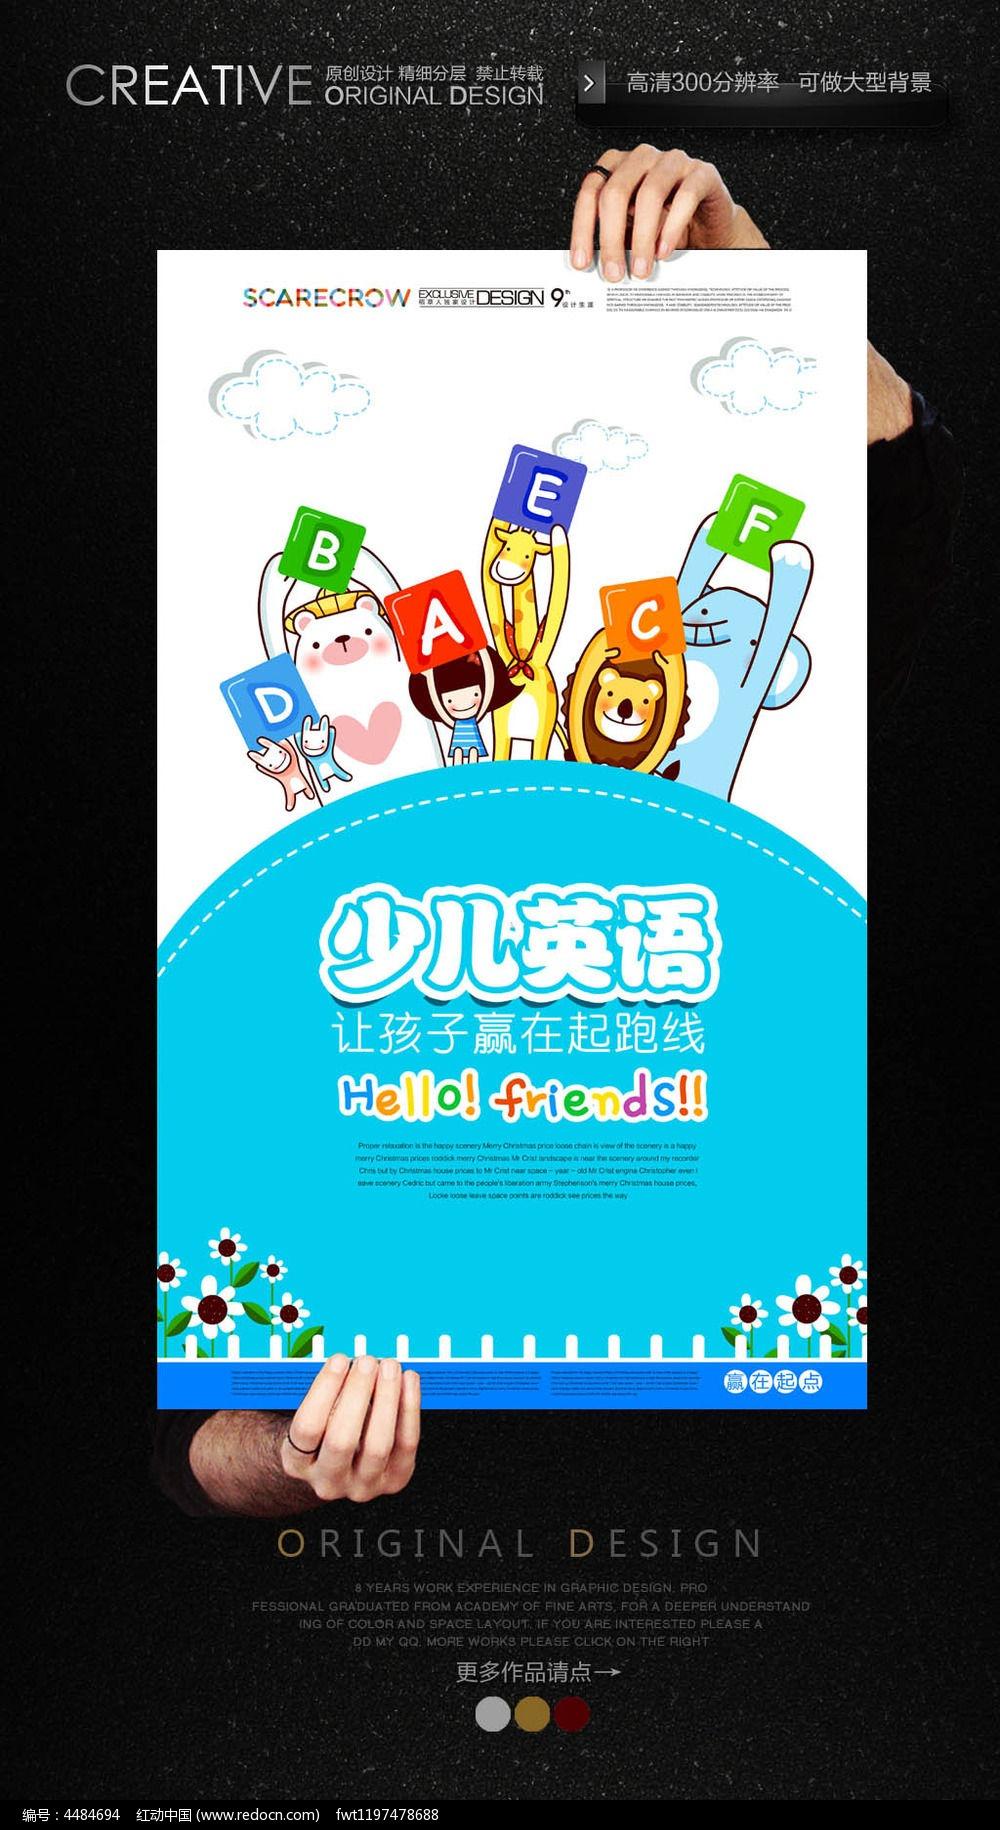 卡通风格英语培训学校招生海报psd素材下载_海报设计图片